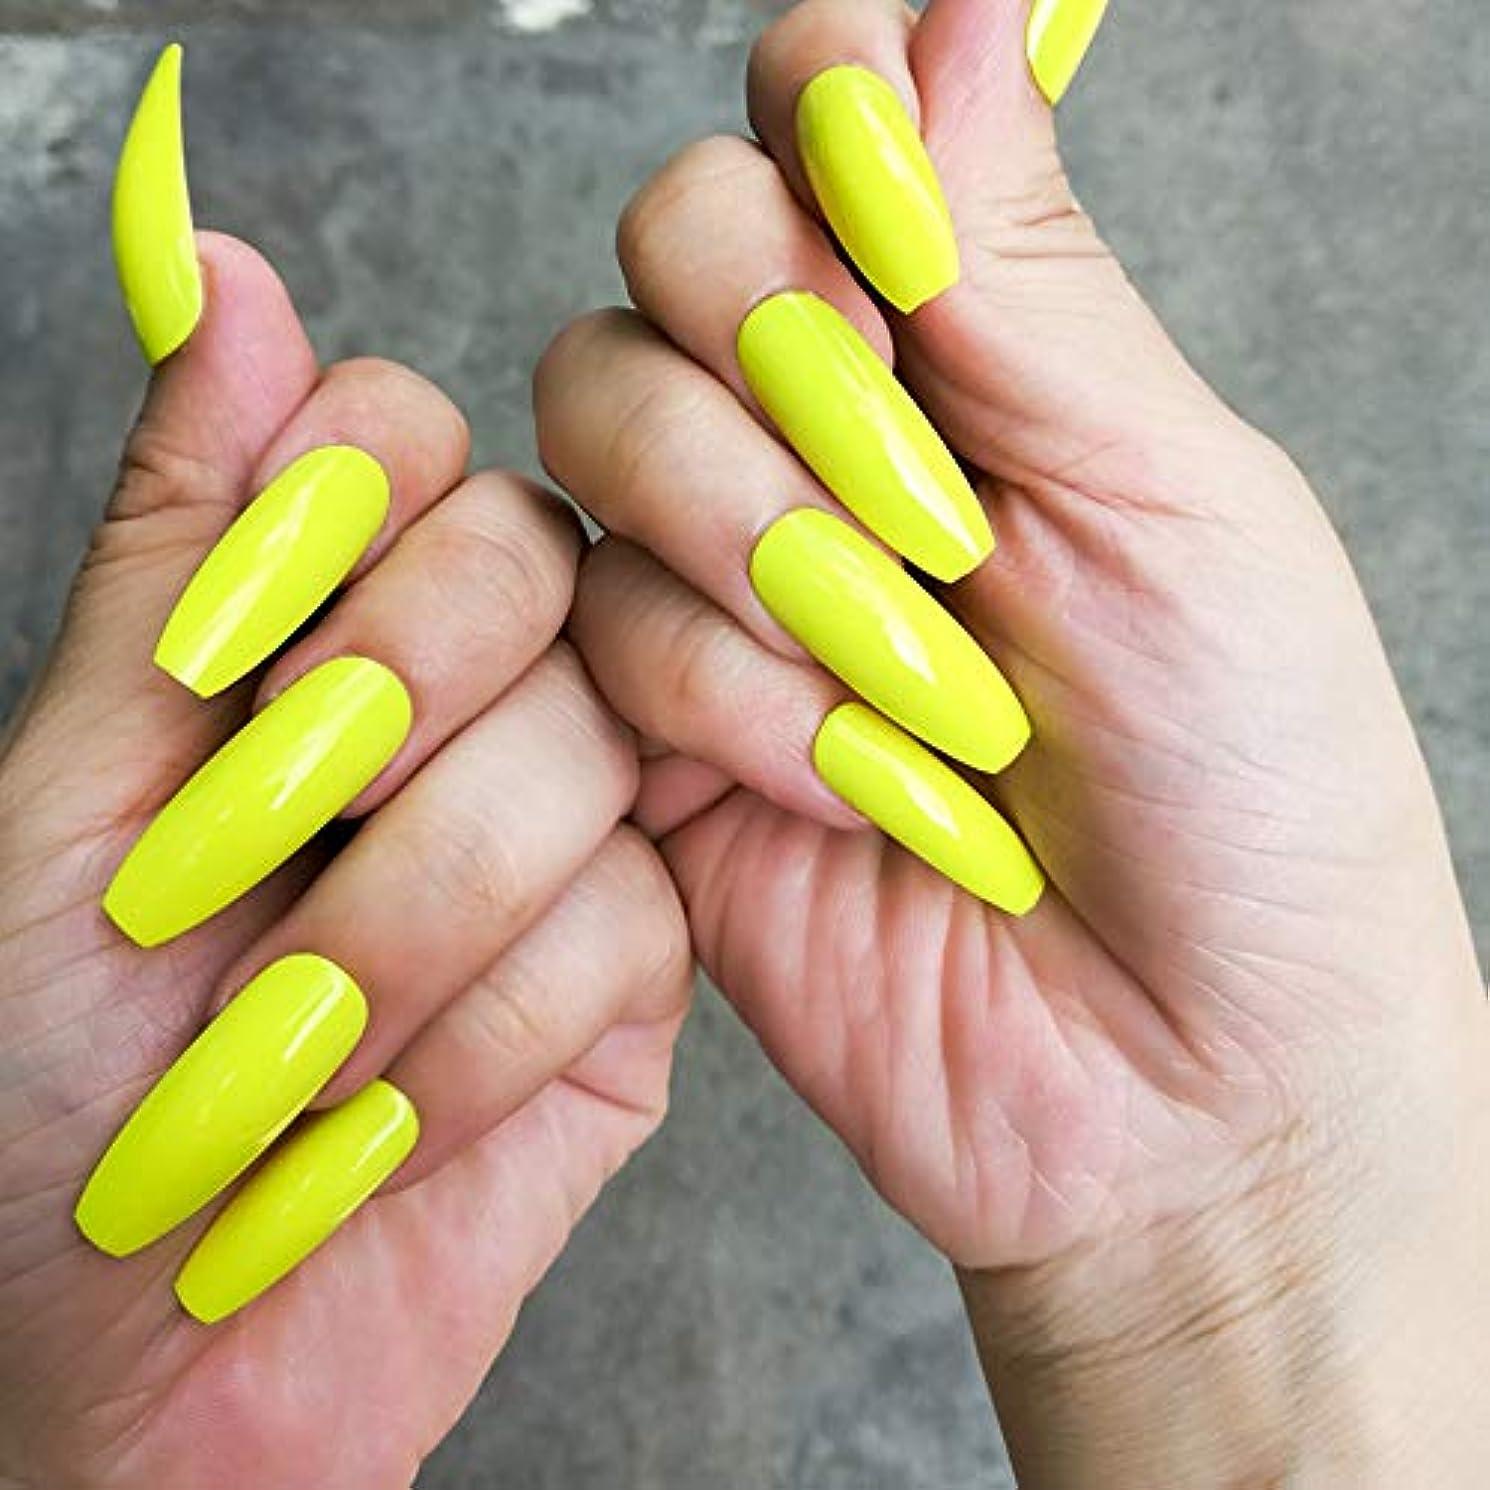 稚魚僕の透過性XUTXZKA エクストラロングフォールスネイル蛍光緑色黄色ヒントフルカバー人工爪プレス